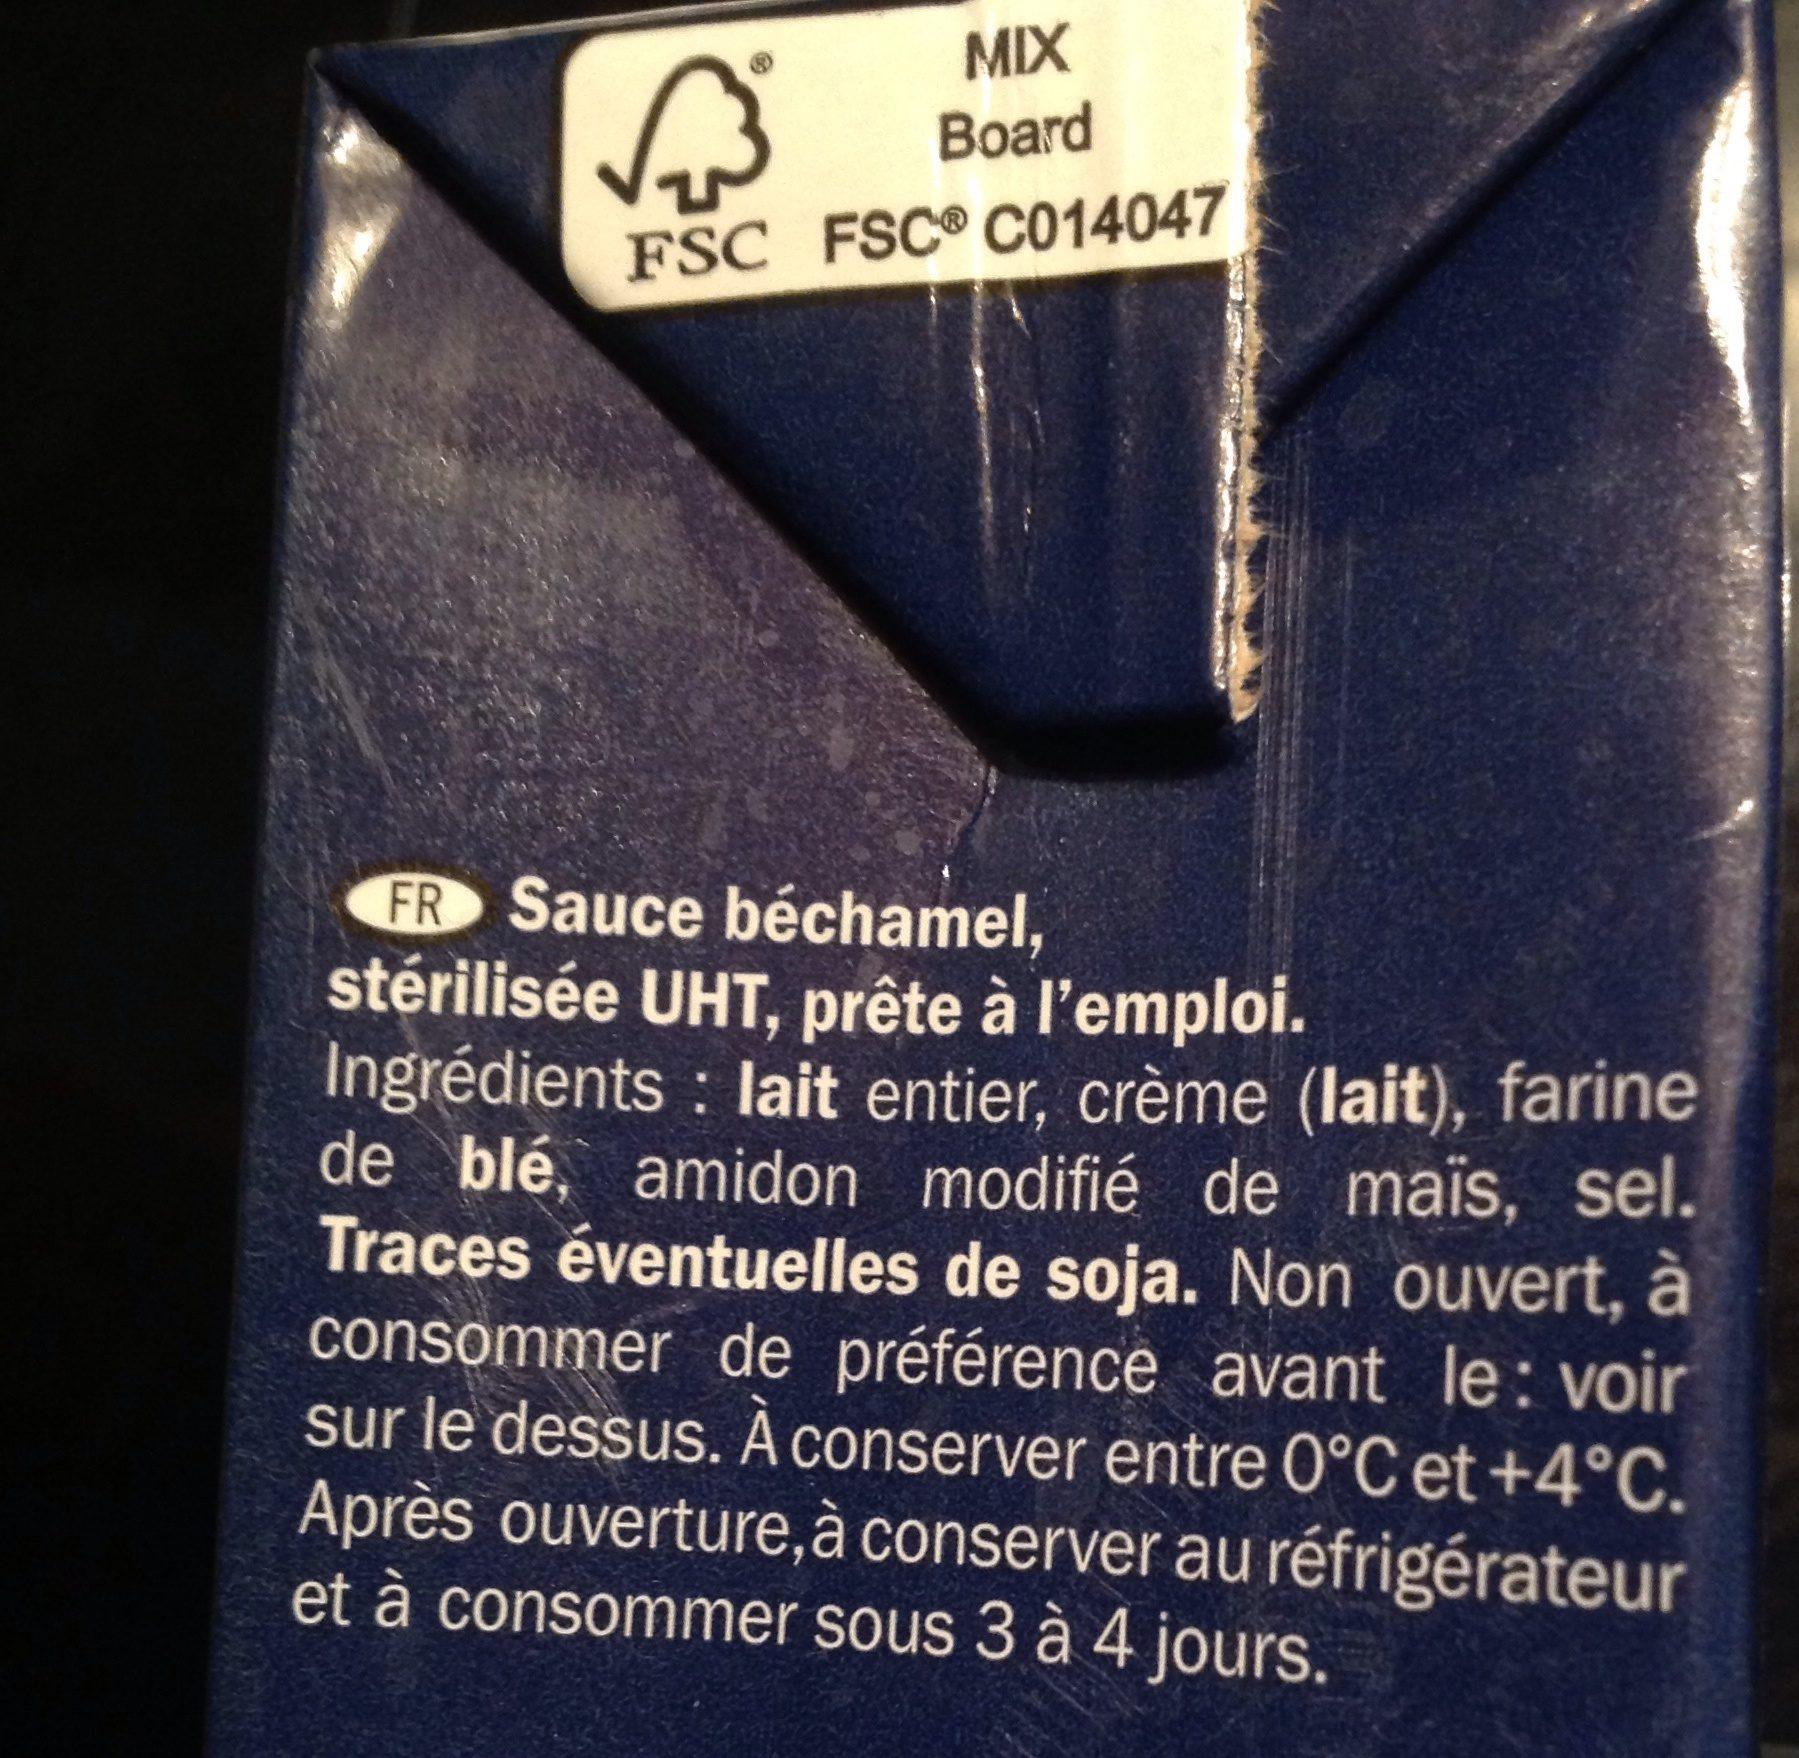 Besciamella - Béchamel Sauce - Italiamo - Ingredients - fr